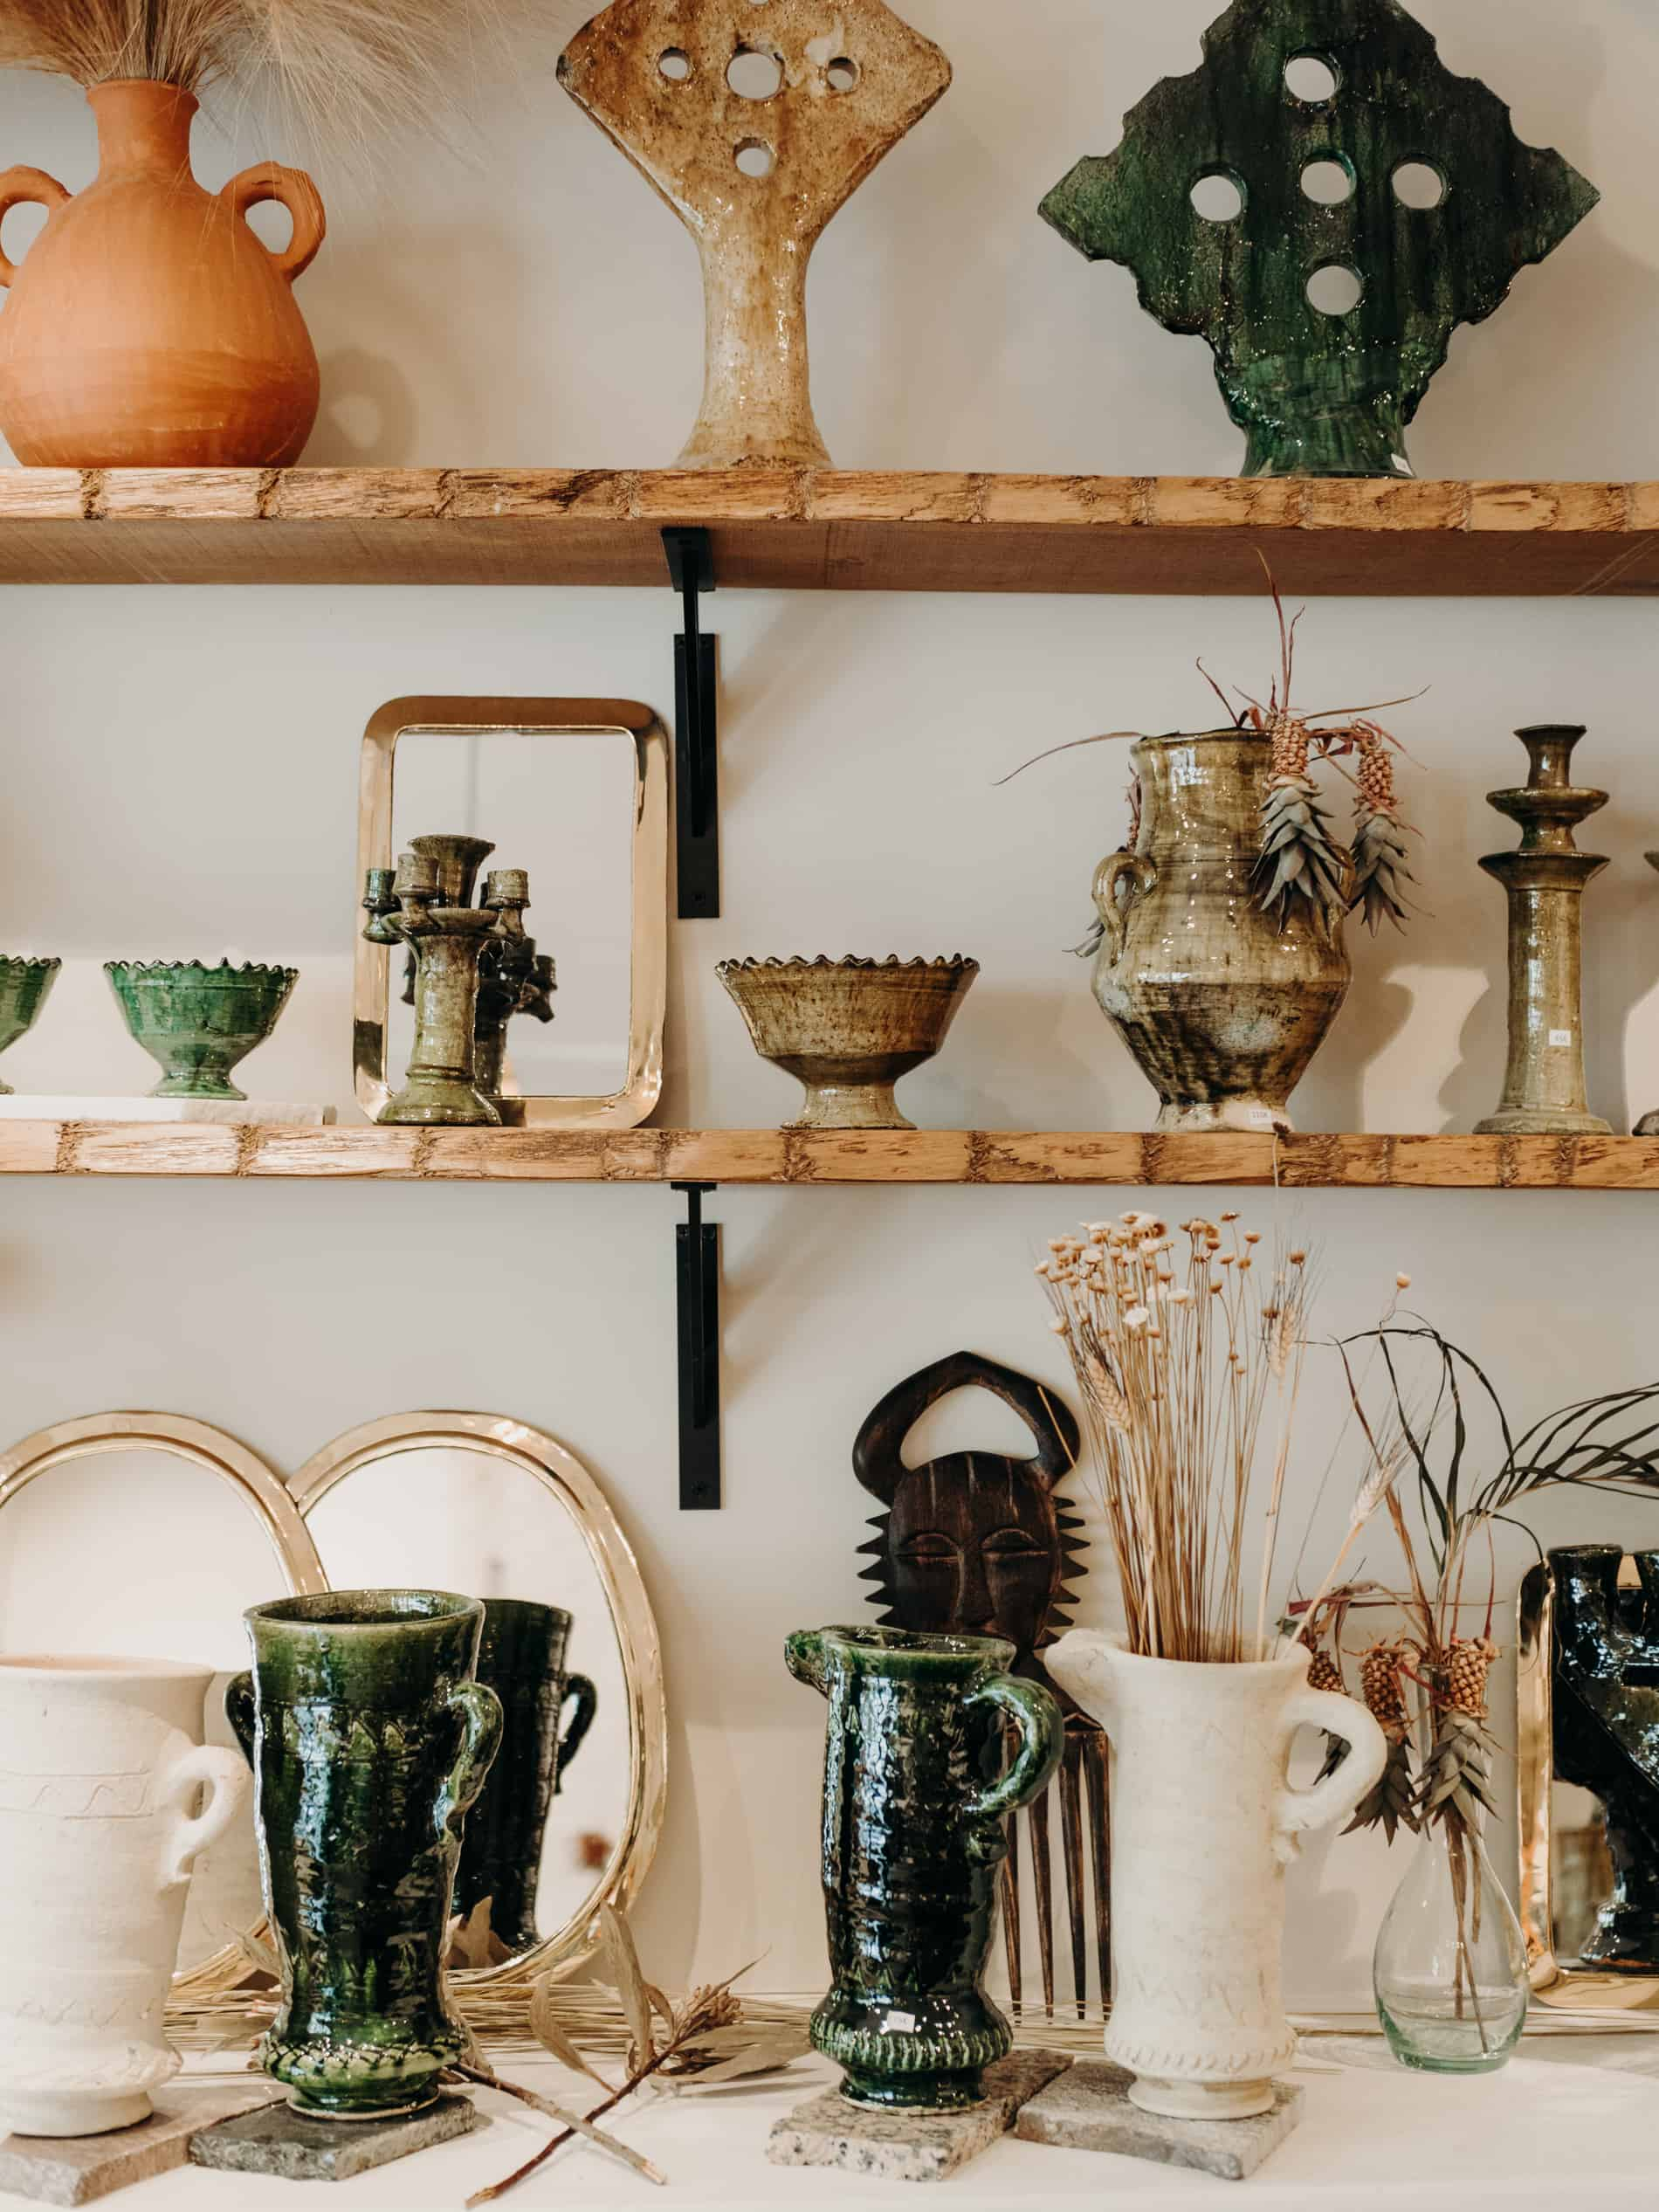 Beldy boutique déco berbère paris blog Lili in wonderland céramiques